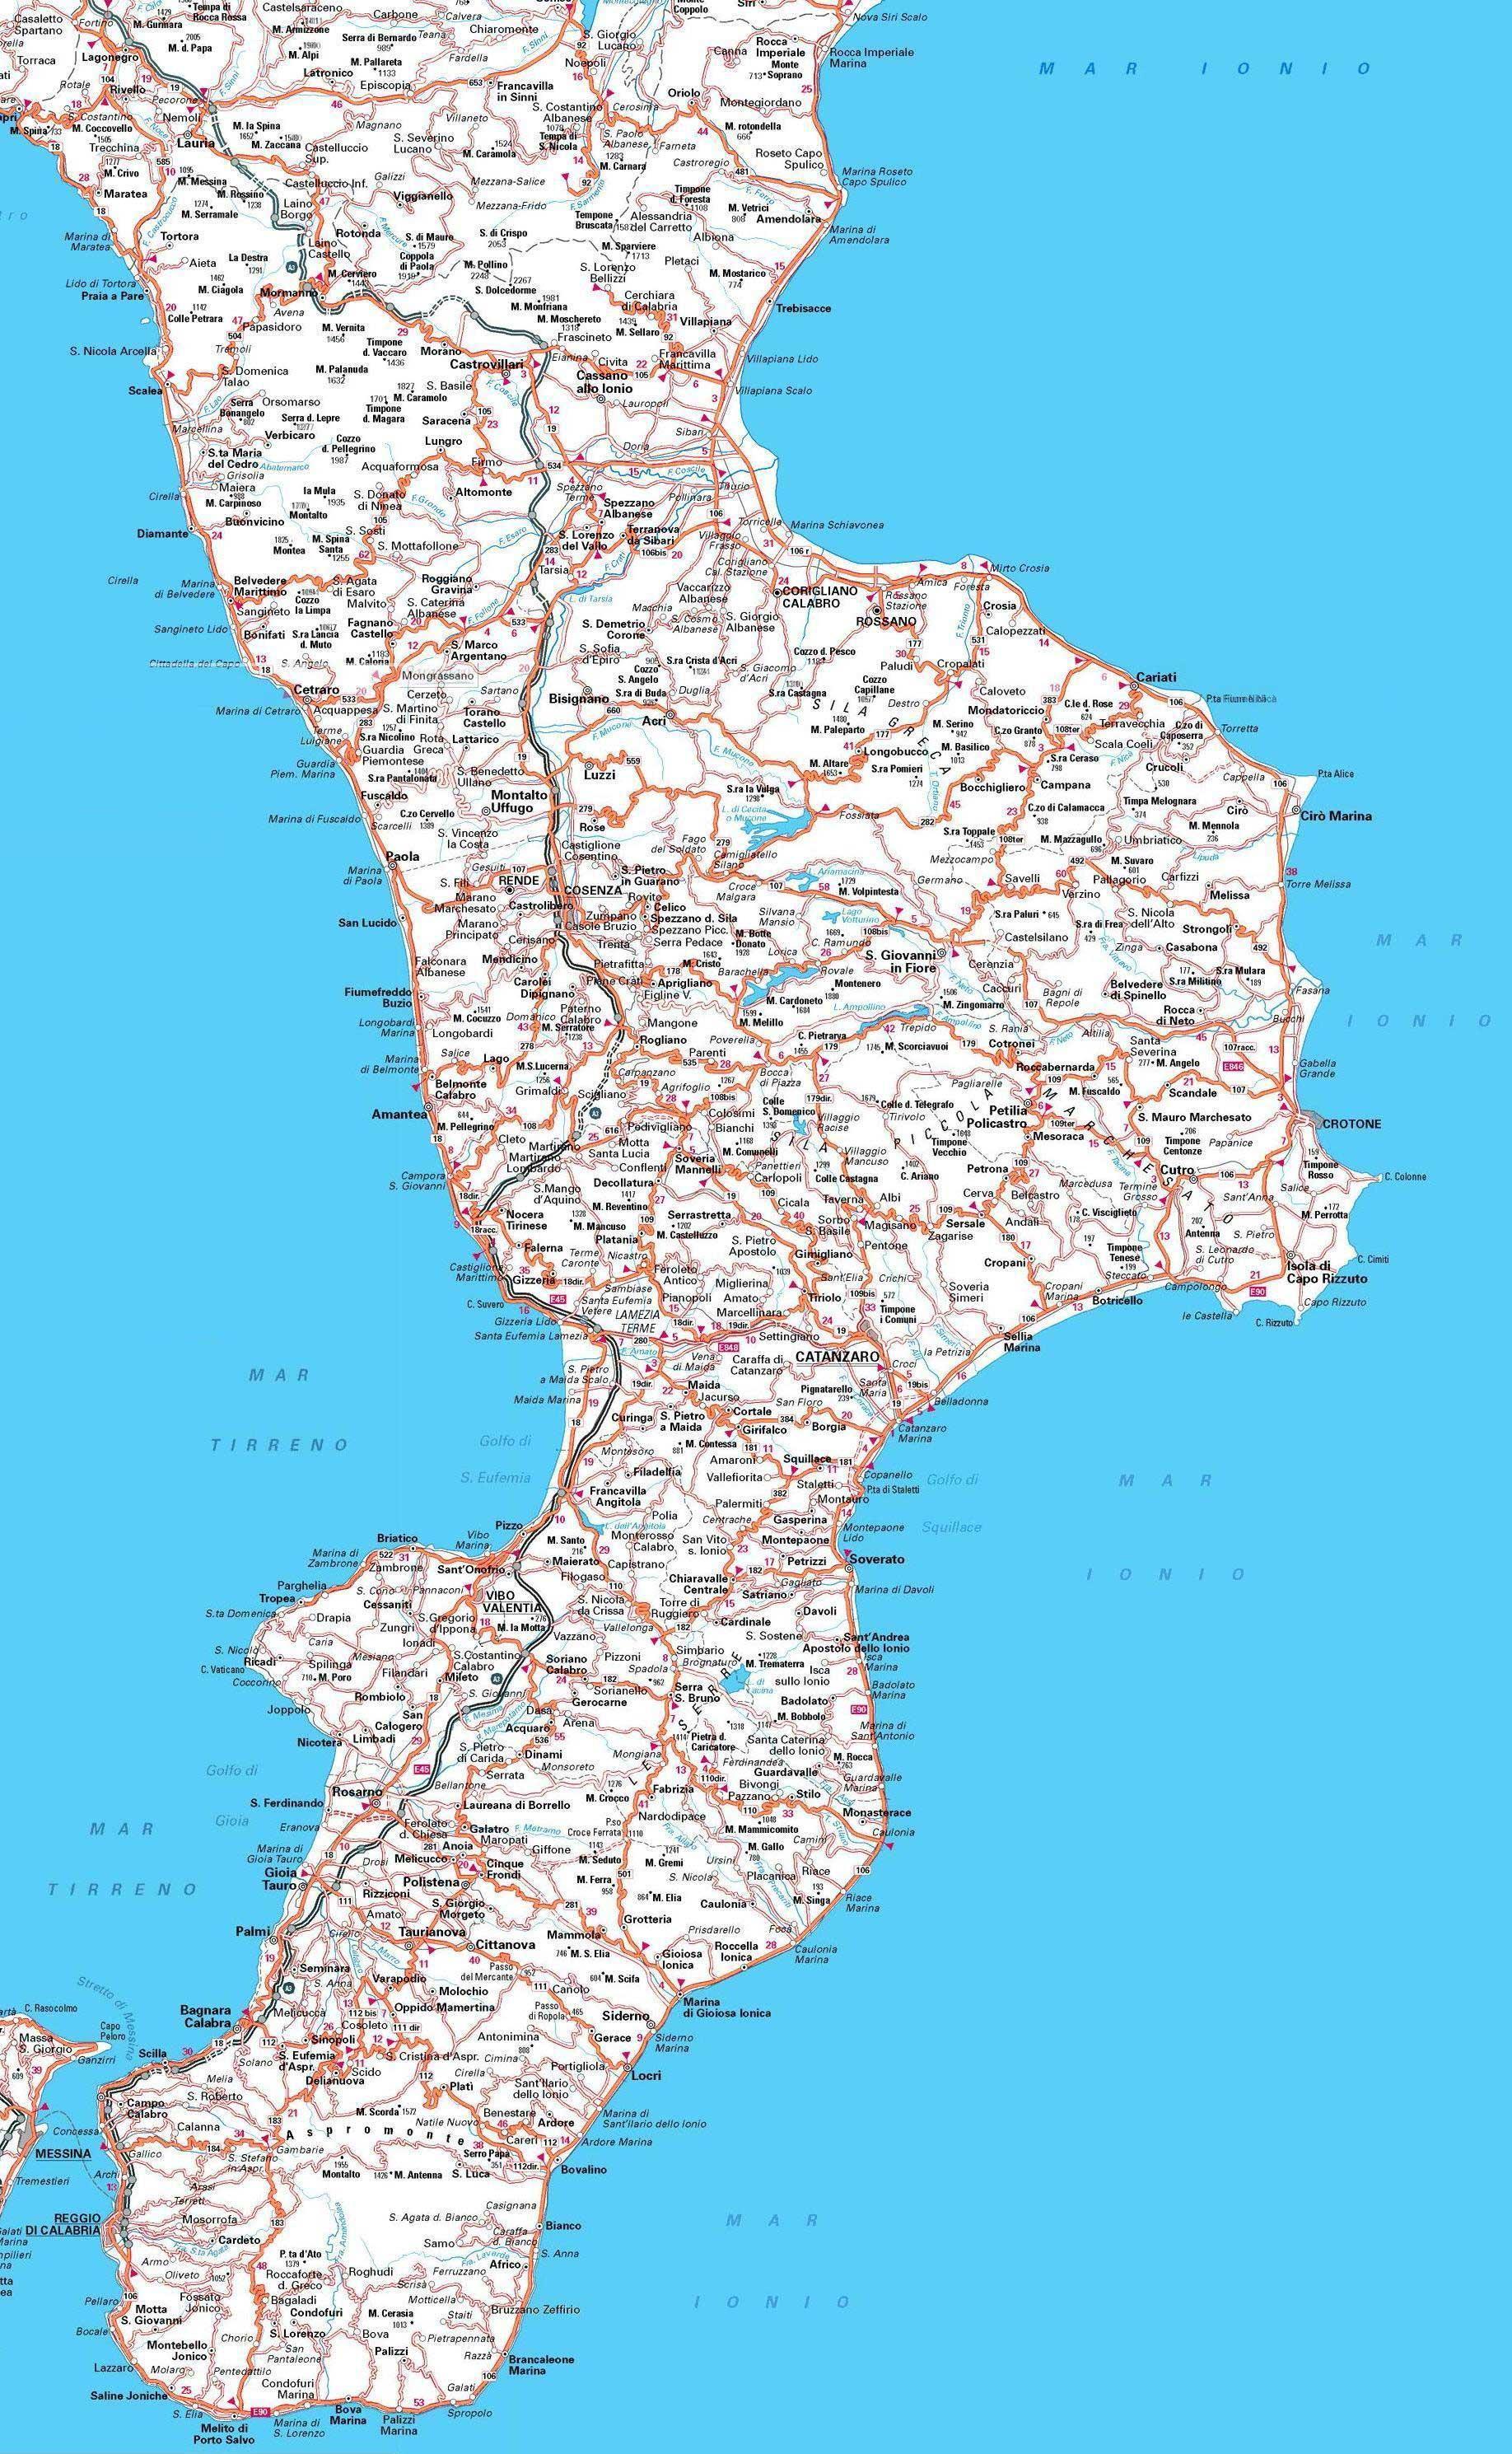 Cartina Calabria E Puglia.Calabria Carta Stradale